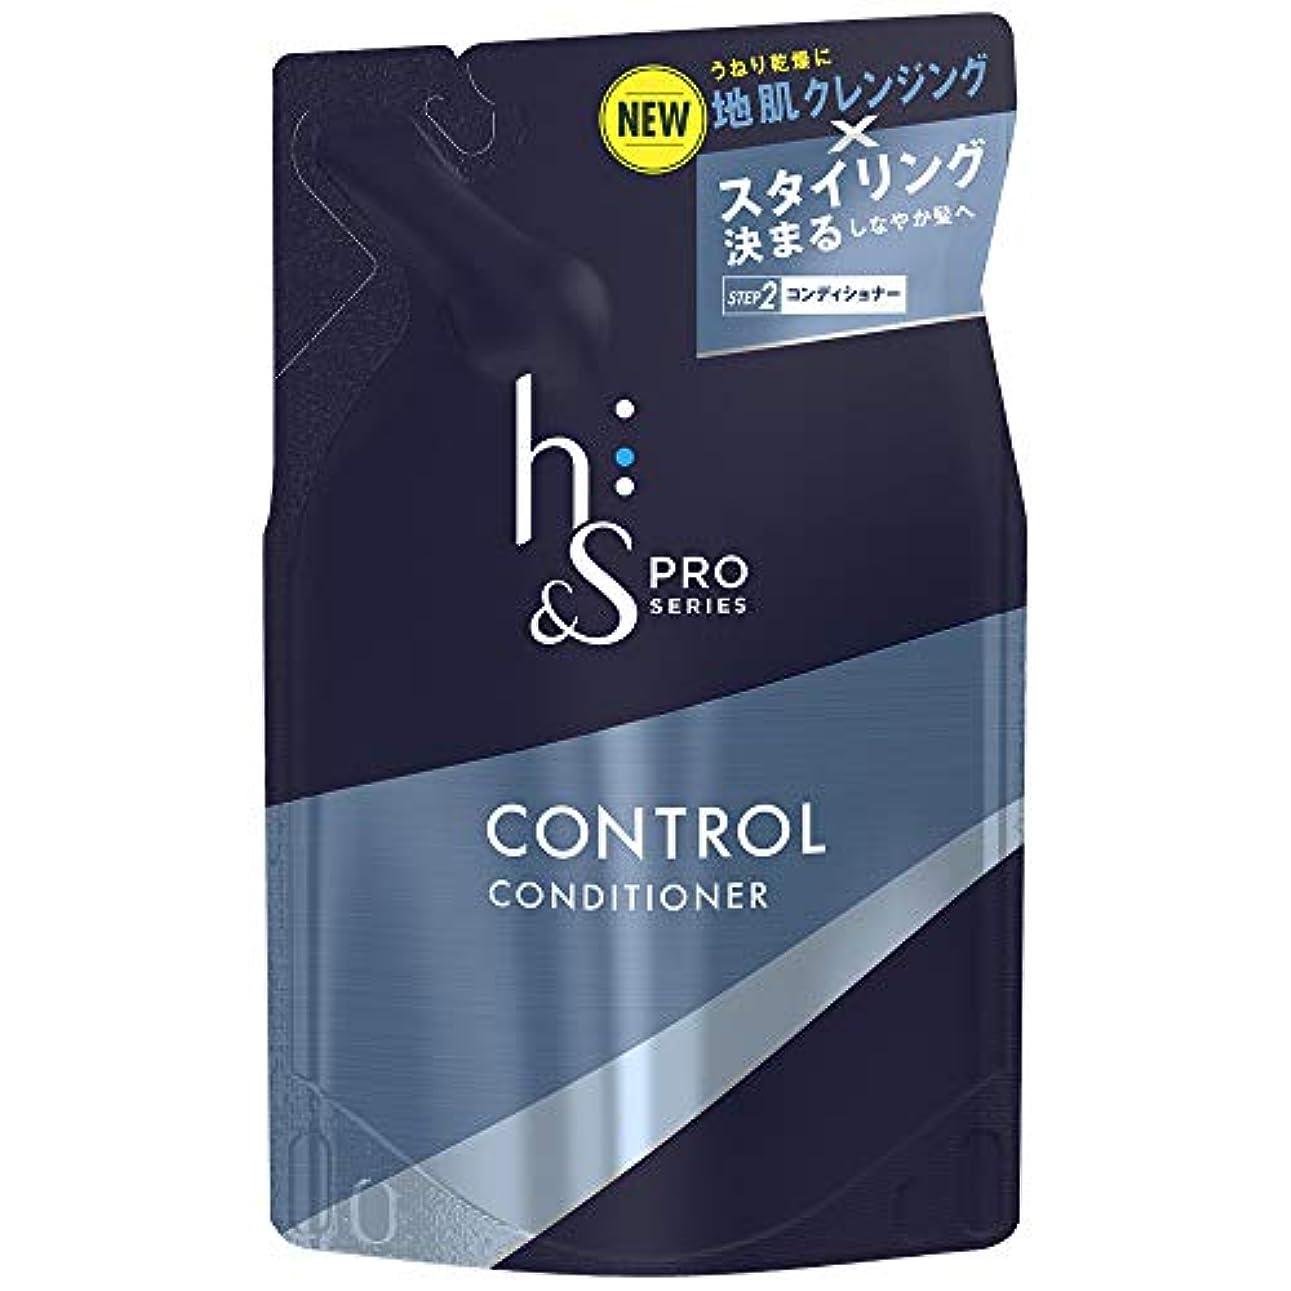 分注する私の金銭的なh&s PRO (エイチアンドエス プロ) メンズ コンディショナー コントロール 詰め替え (スタイリング重視) 300g